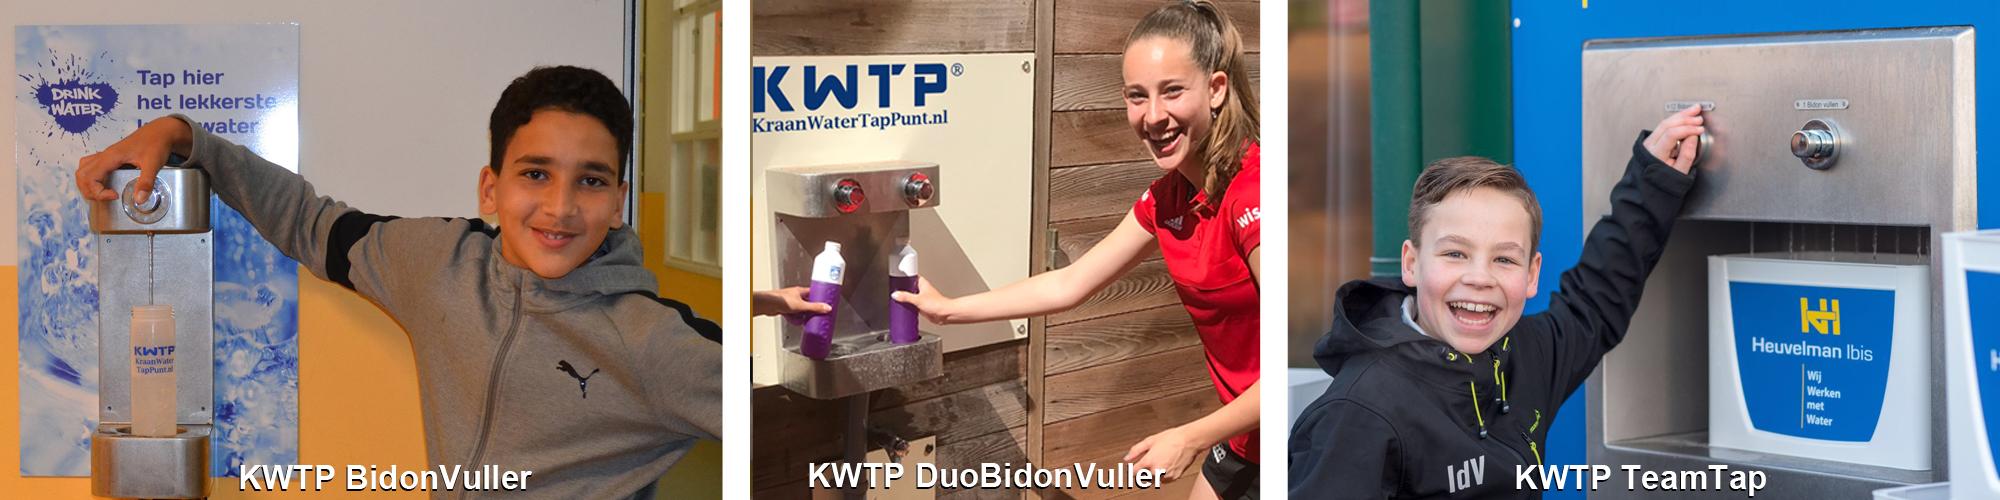 KWTP watertappunten kraanwatertappunt